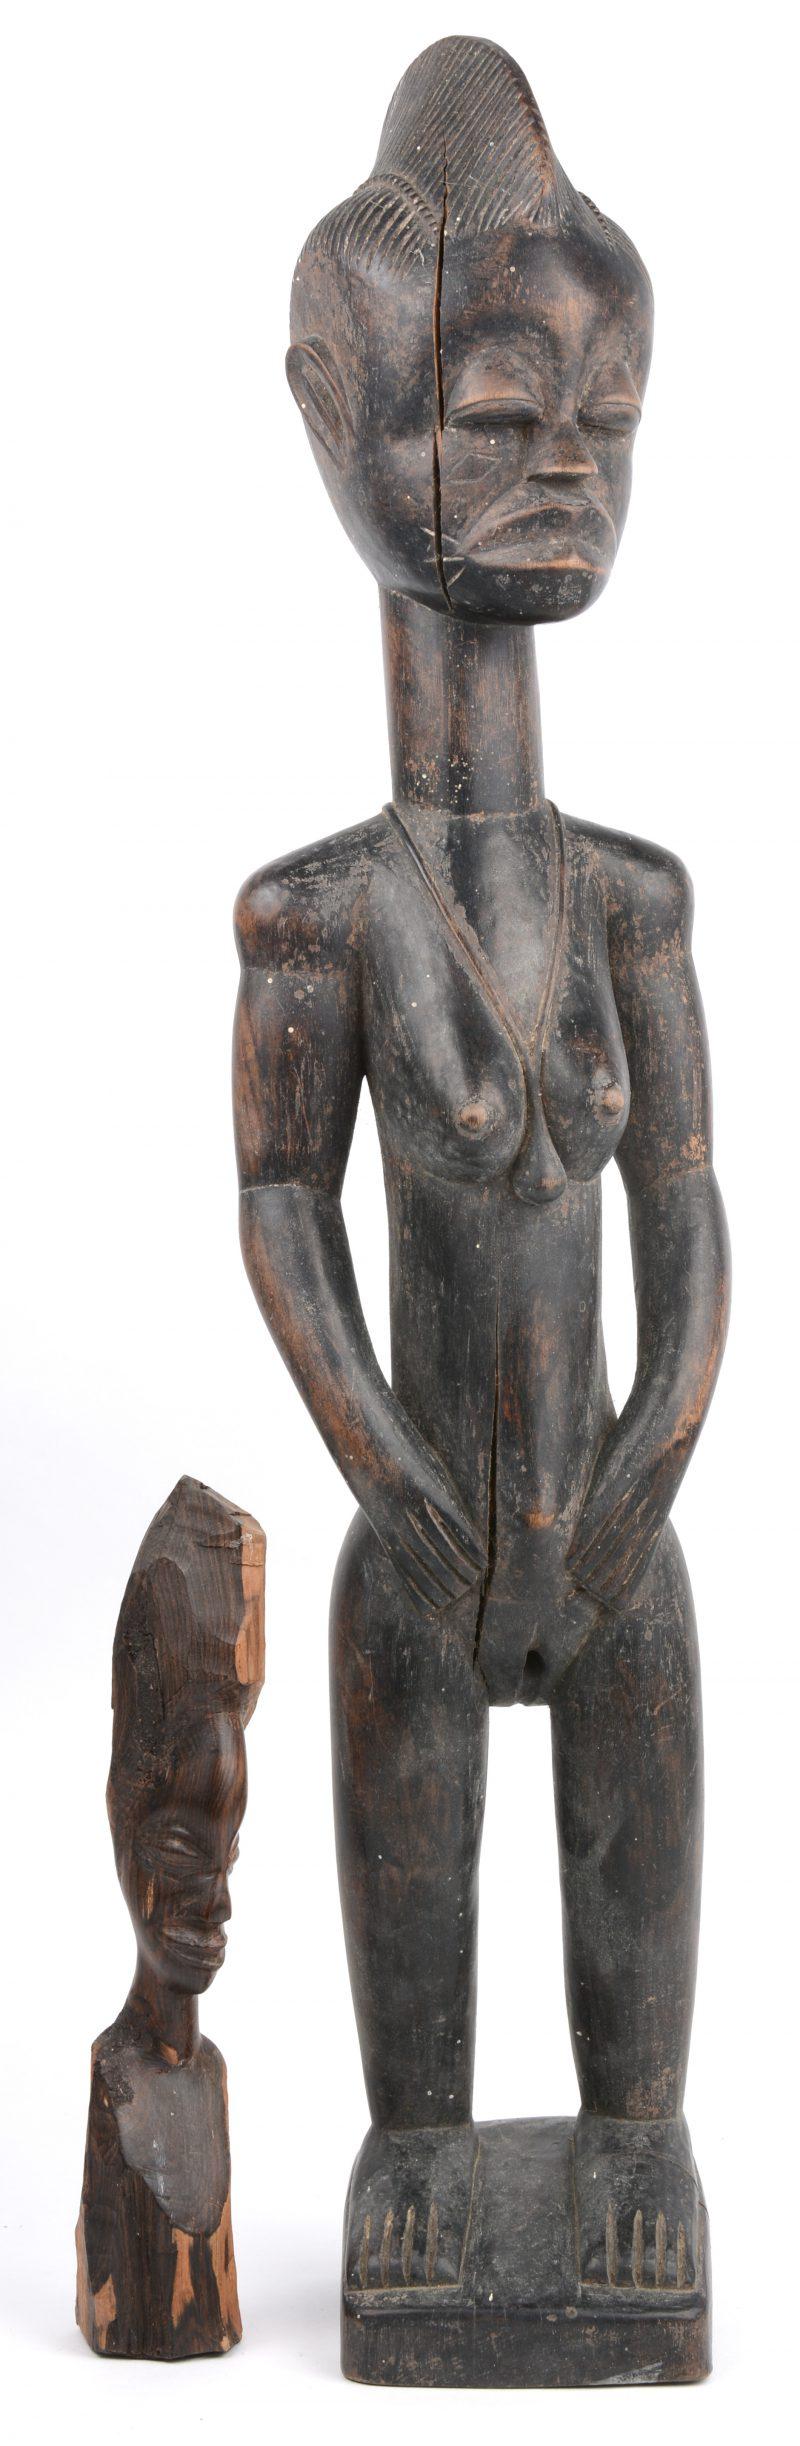 Een gebeeldhouwd Afrikaans houten beeld. D.R.Congo. We voegen er een kleiner beeldje aan toe.